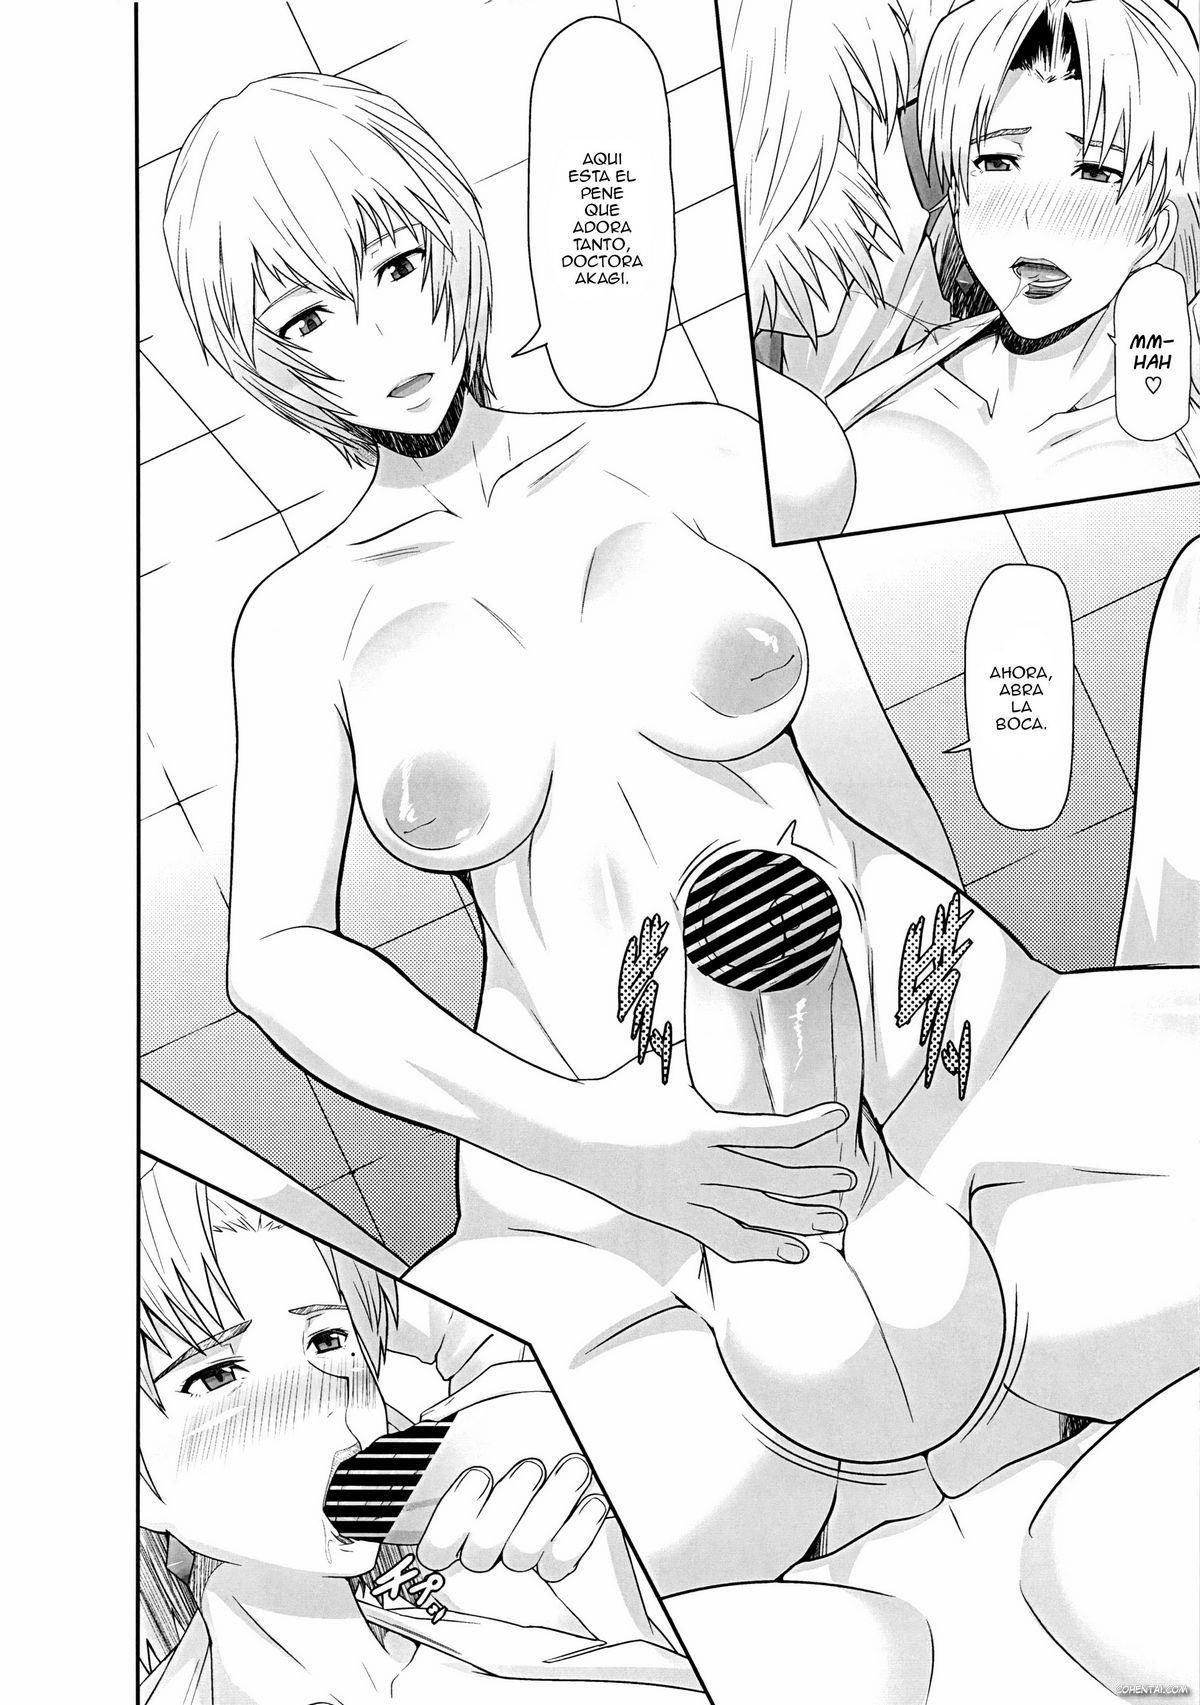 REDLEVEL5 (Neon Genesis Evangelion)